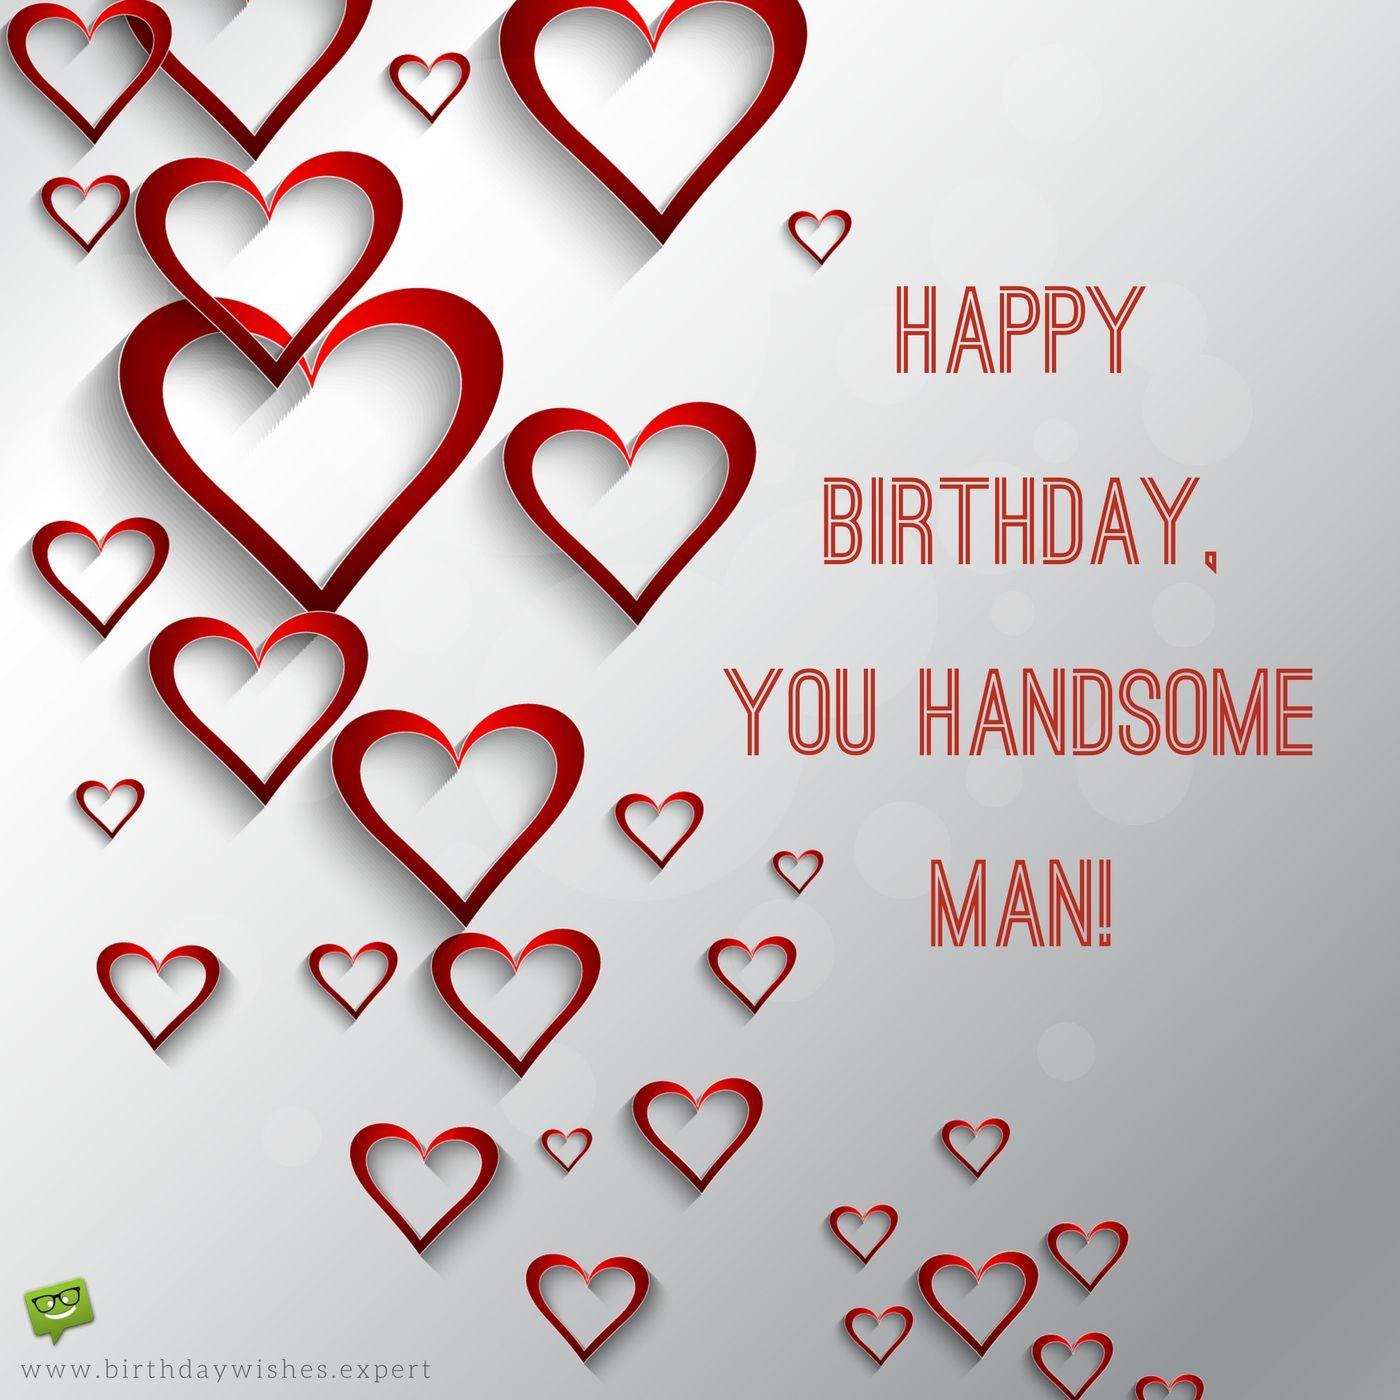 Verjaardag Man Humor Verjaardag Man Grappig Verjaardag Man Humor